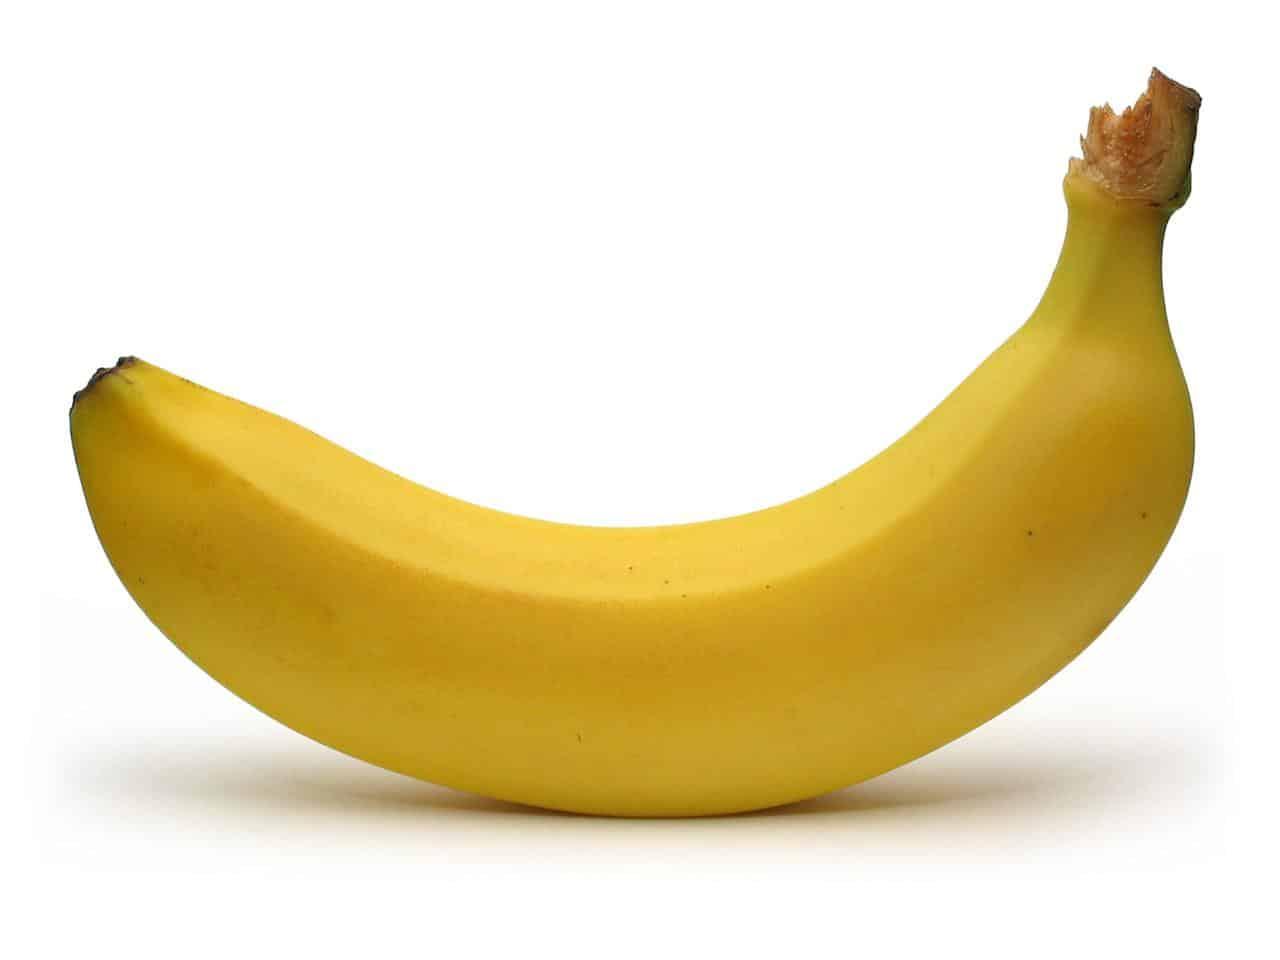 banaan met tekst prikken